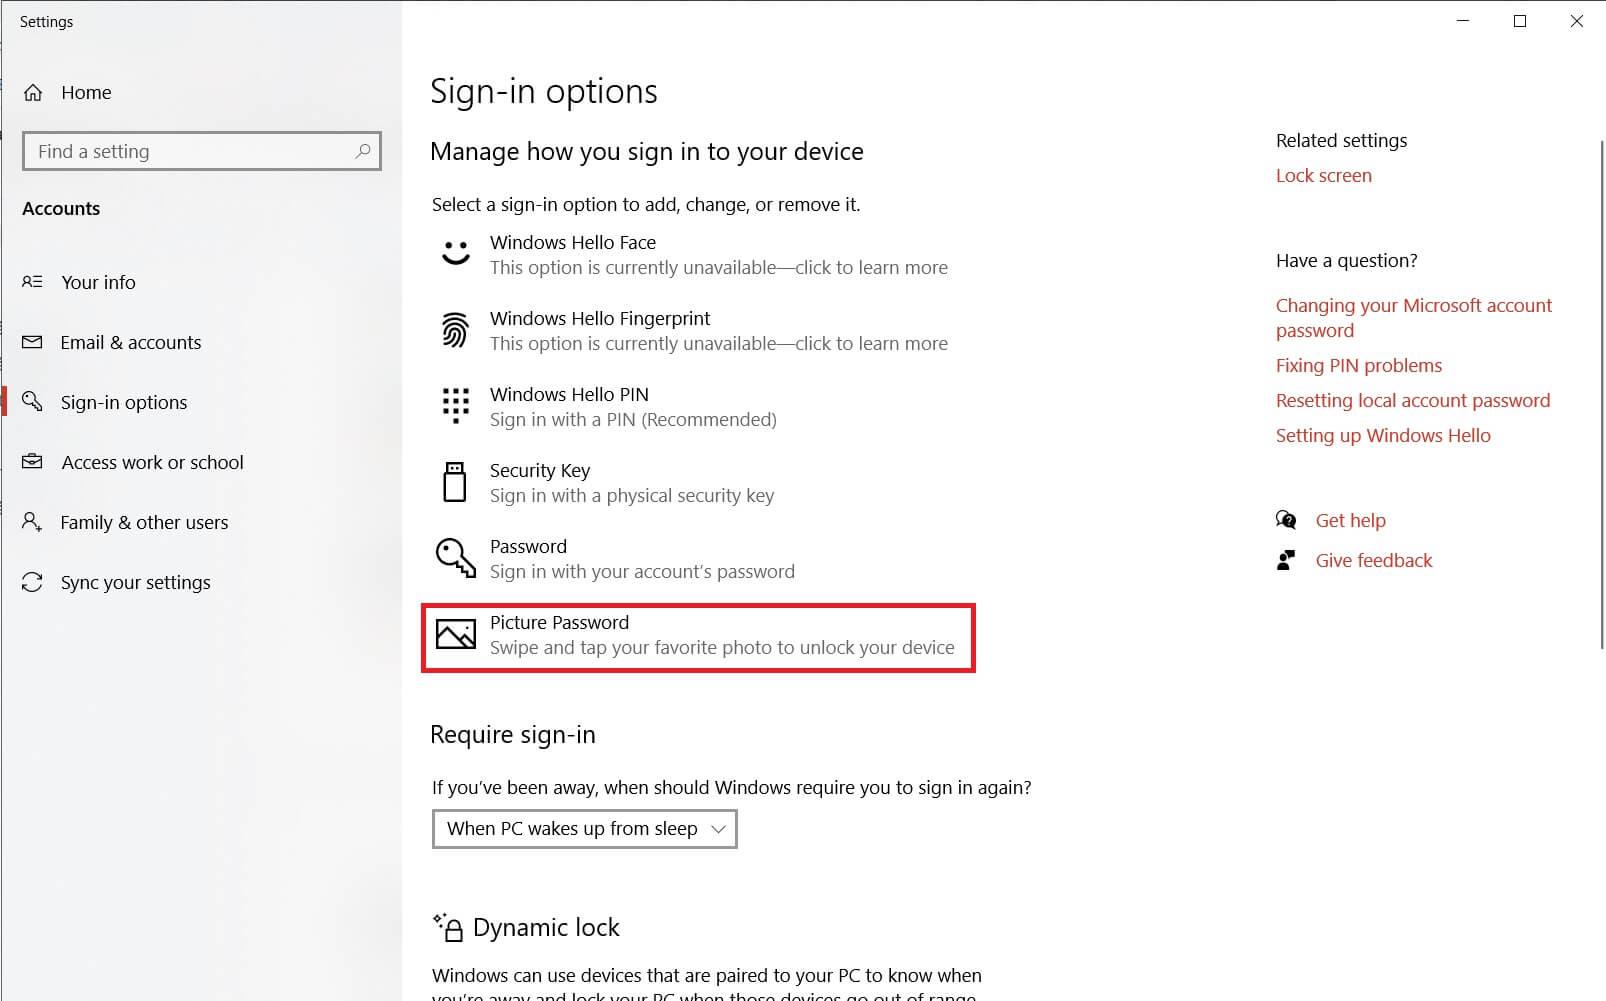 copypastetool.com - Hướng dẫn cài đặt mật khẩu hình ảnh cho máy tính bằng Settings